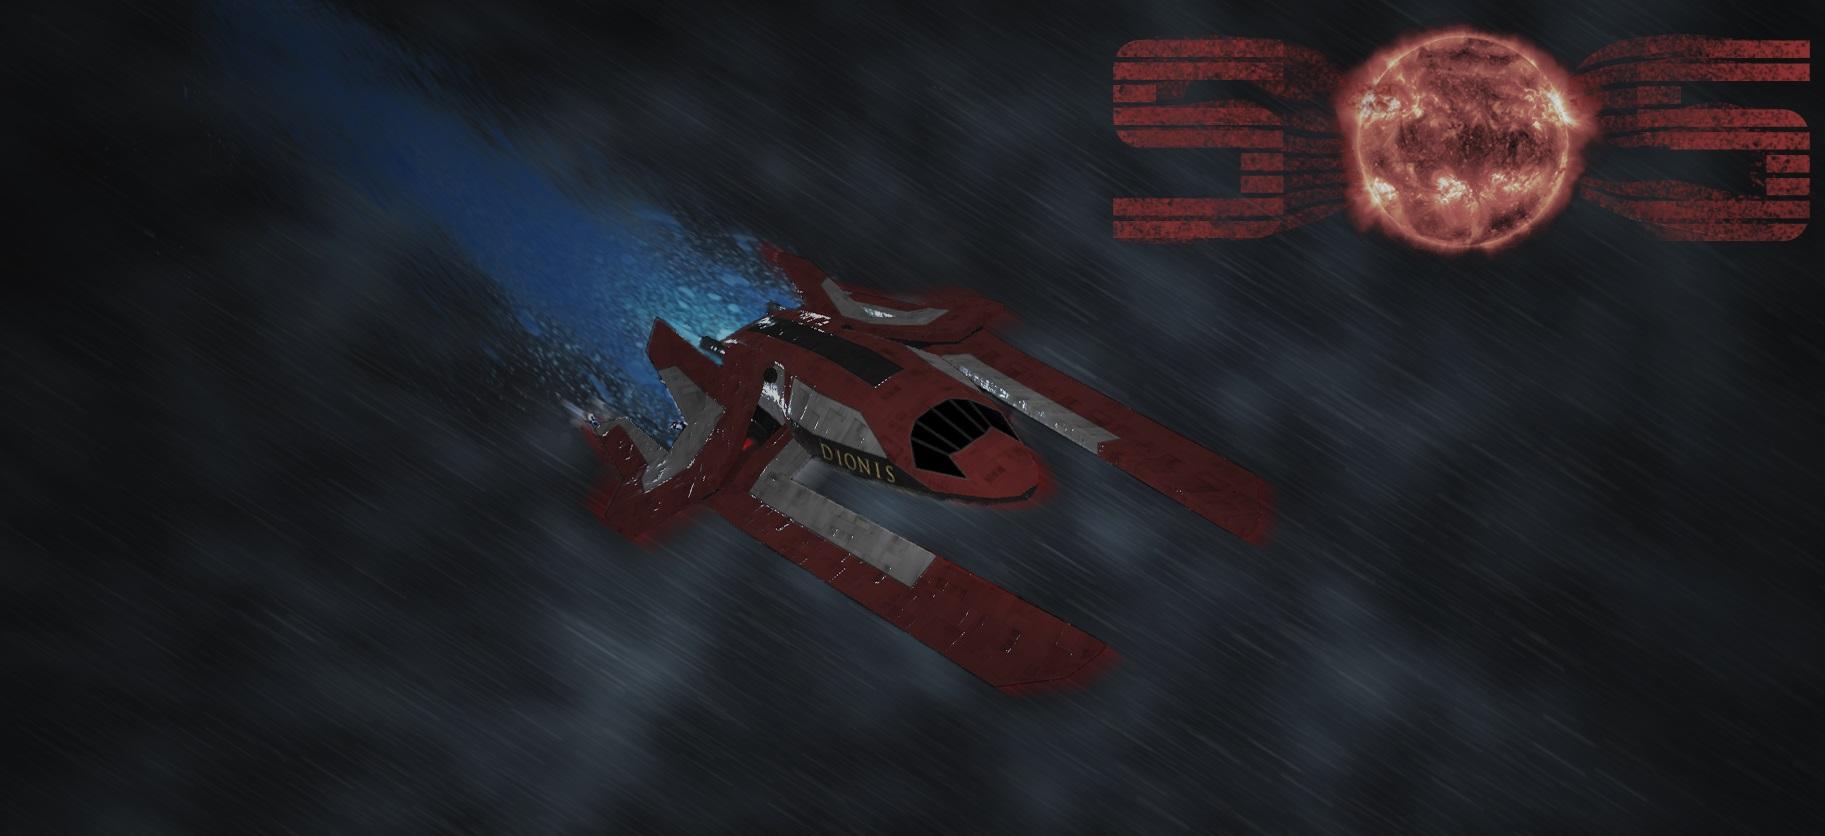 SpaceshipPromo